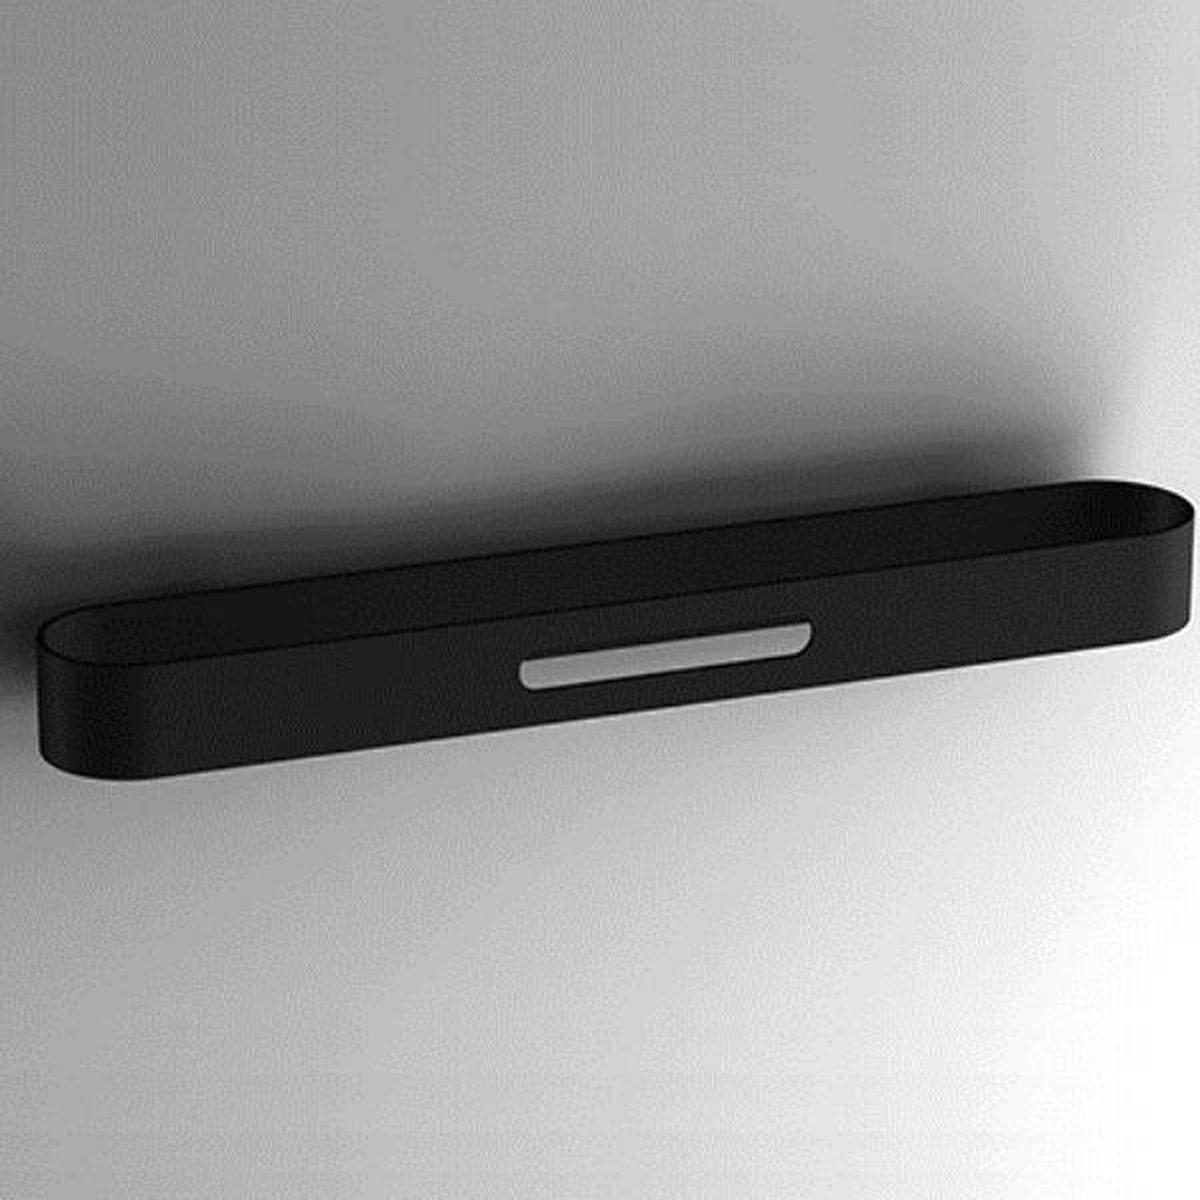 Design handdoekhouder S5 45cm zwart